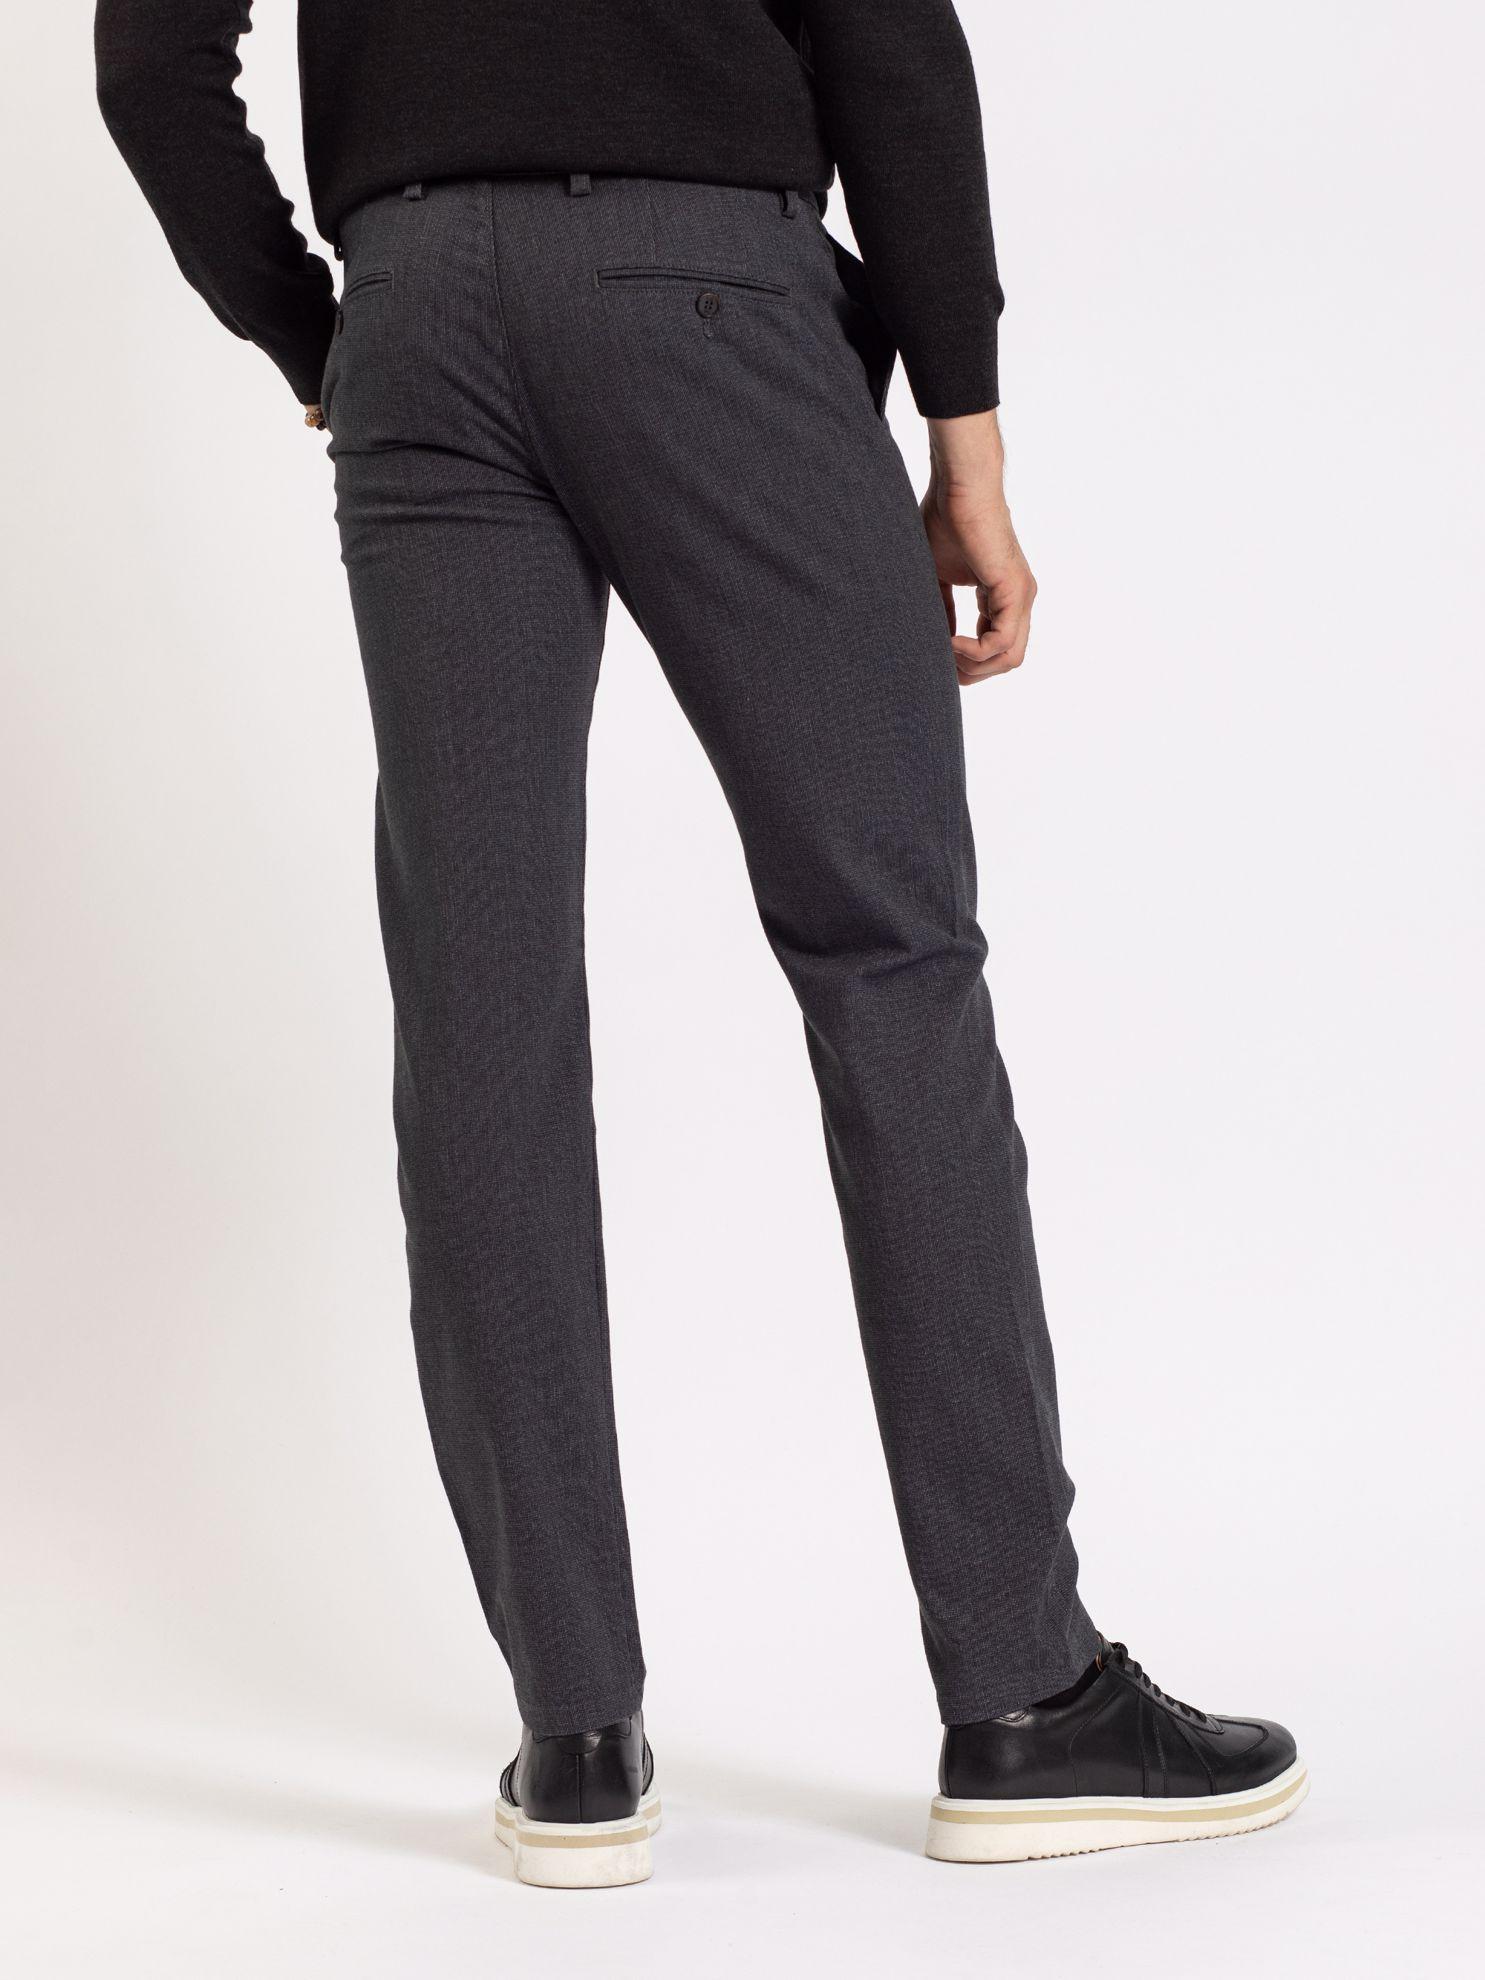 Toss Erkek 6 Drop Pantolon-Antrasit. ürün görseli